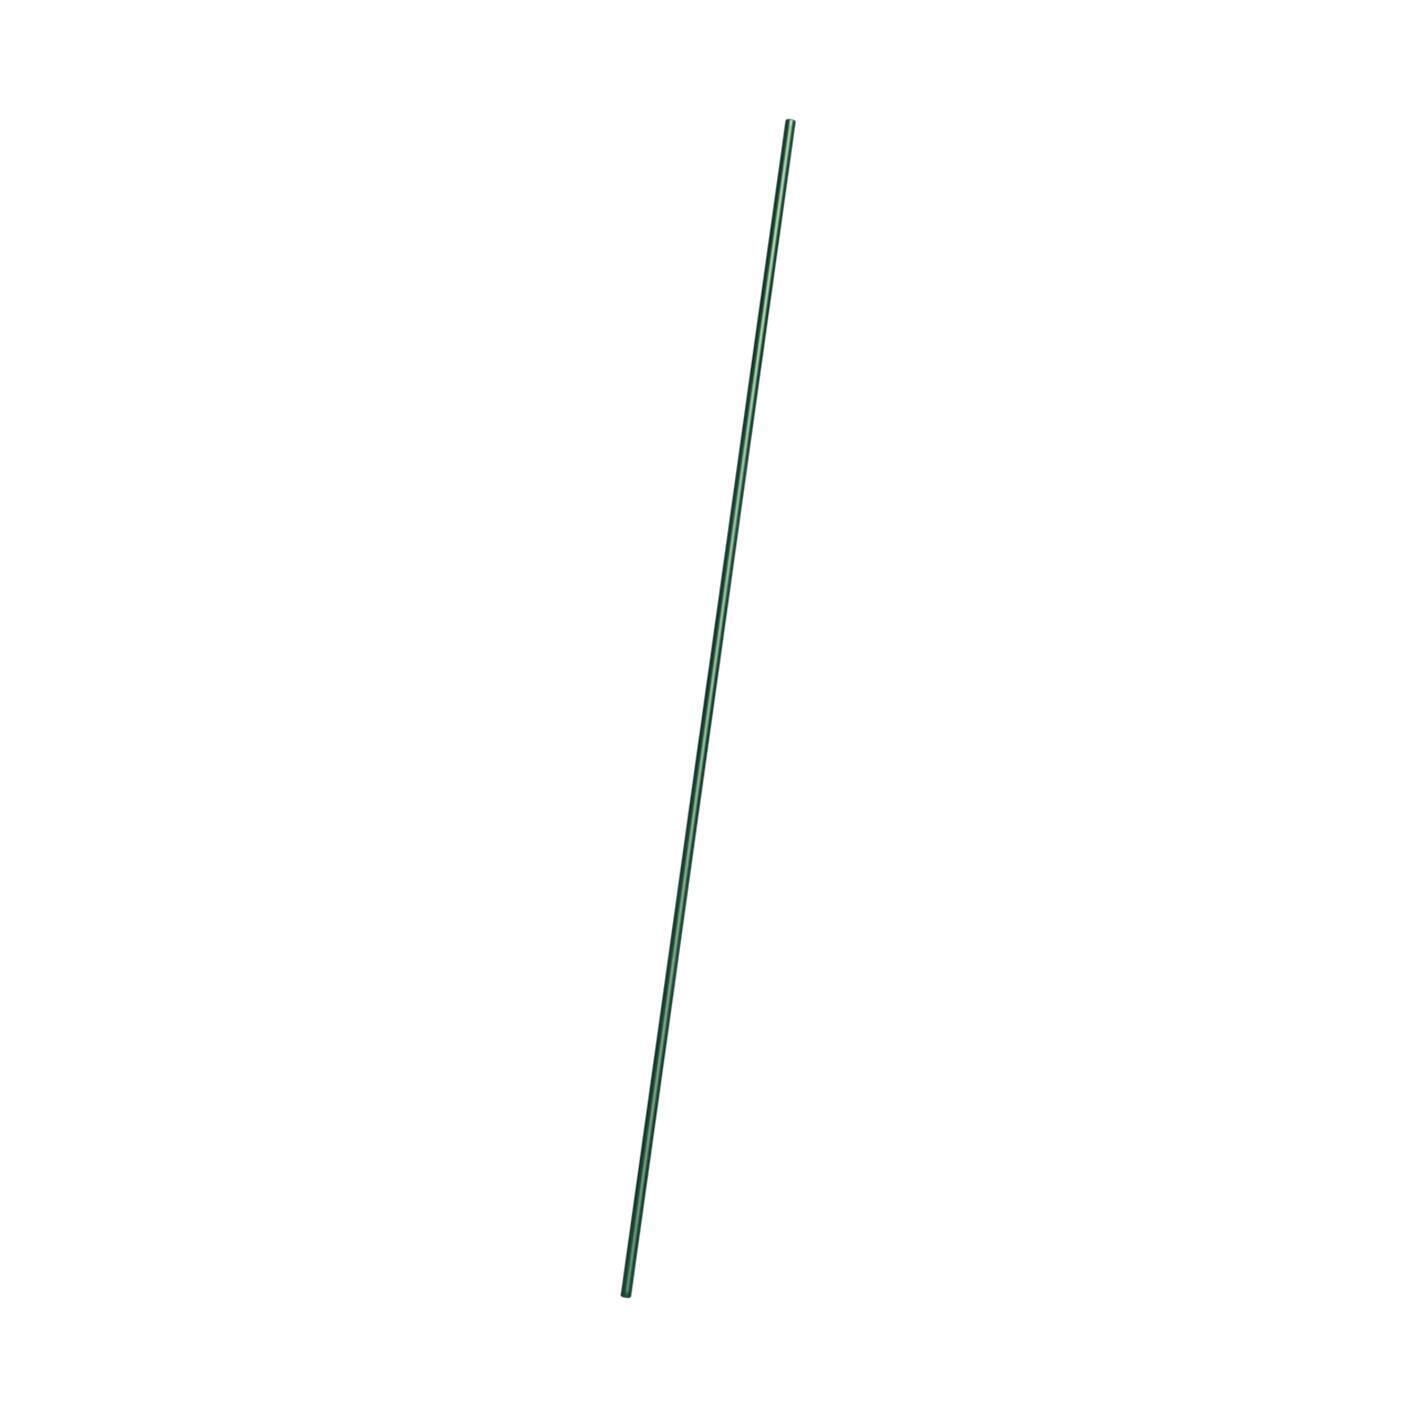 Barra di tensione  in acciaio galvanizzato plastificato H 130 cm , colore verde